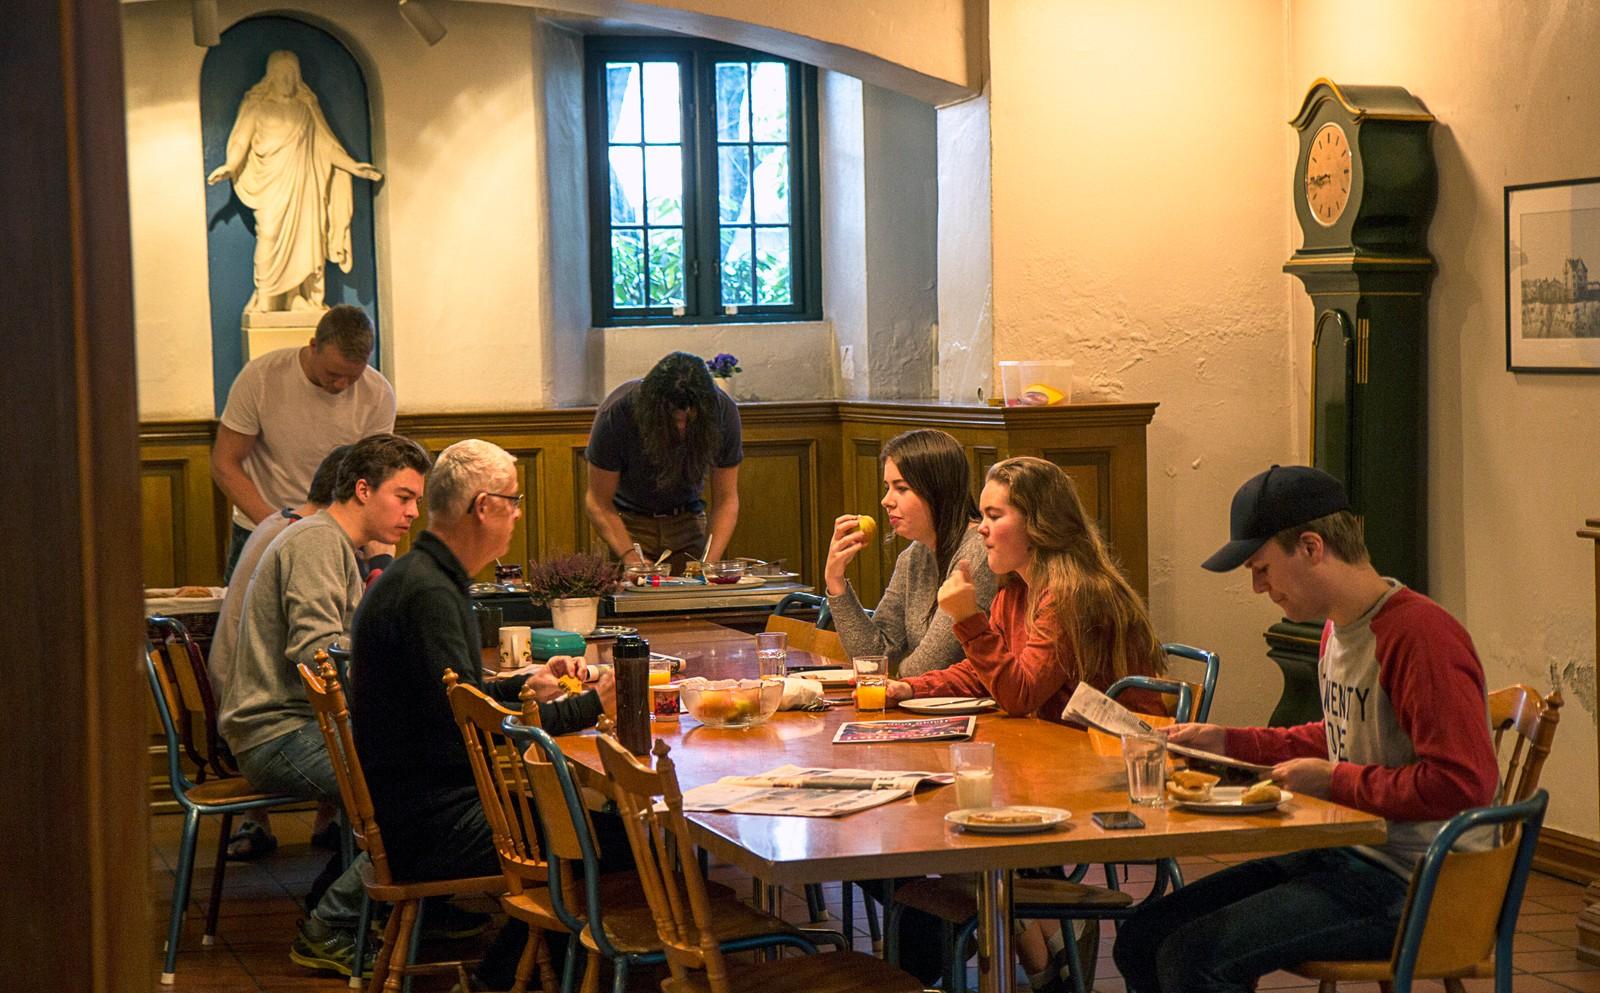 I dag betaler studentene 5 500 kroner i måneden for å bo på Studenterhjemmet. Frokost og kveldsmat er inkludert i den prisen.